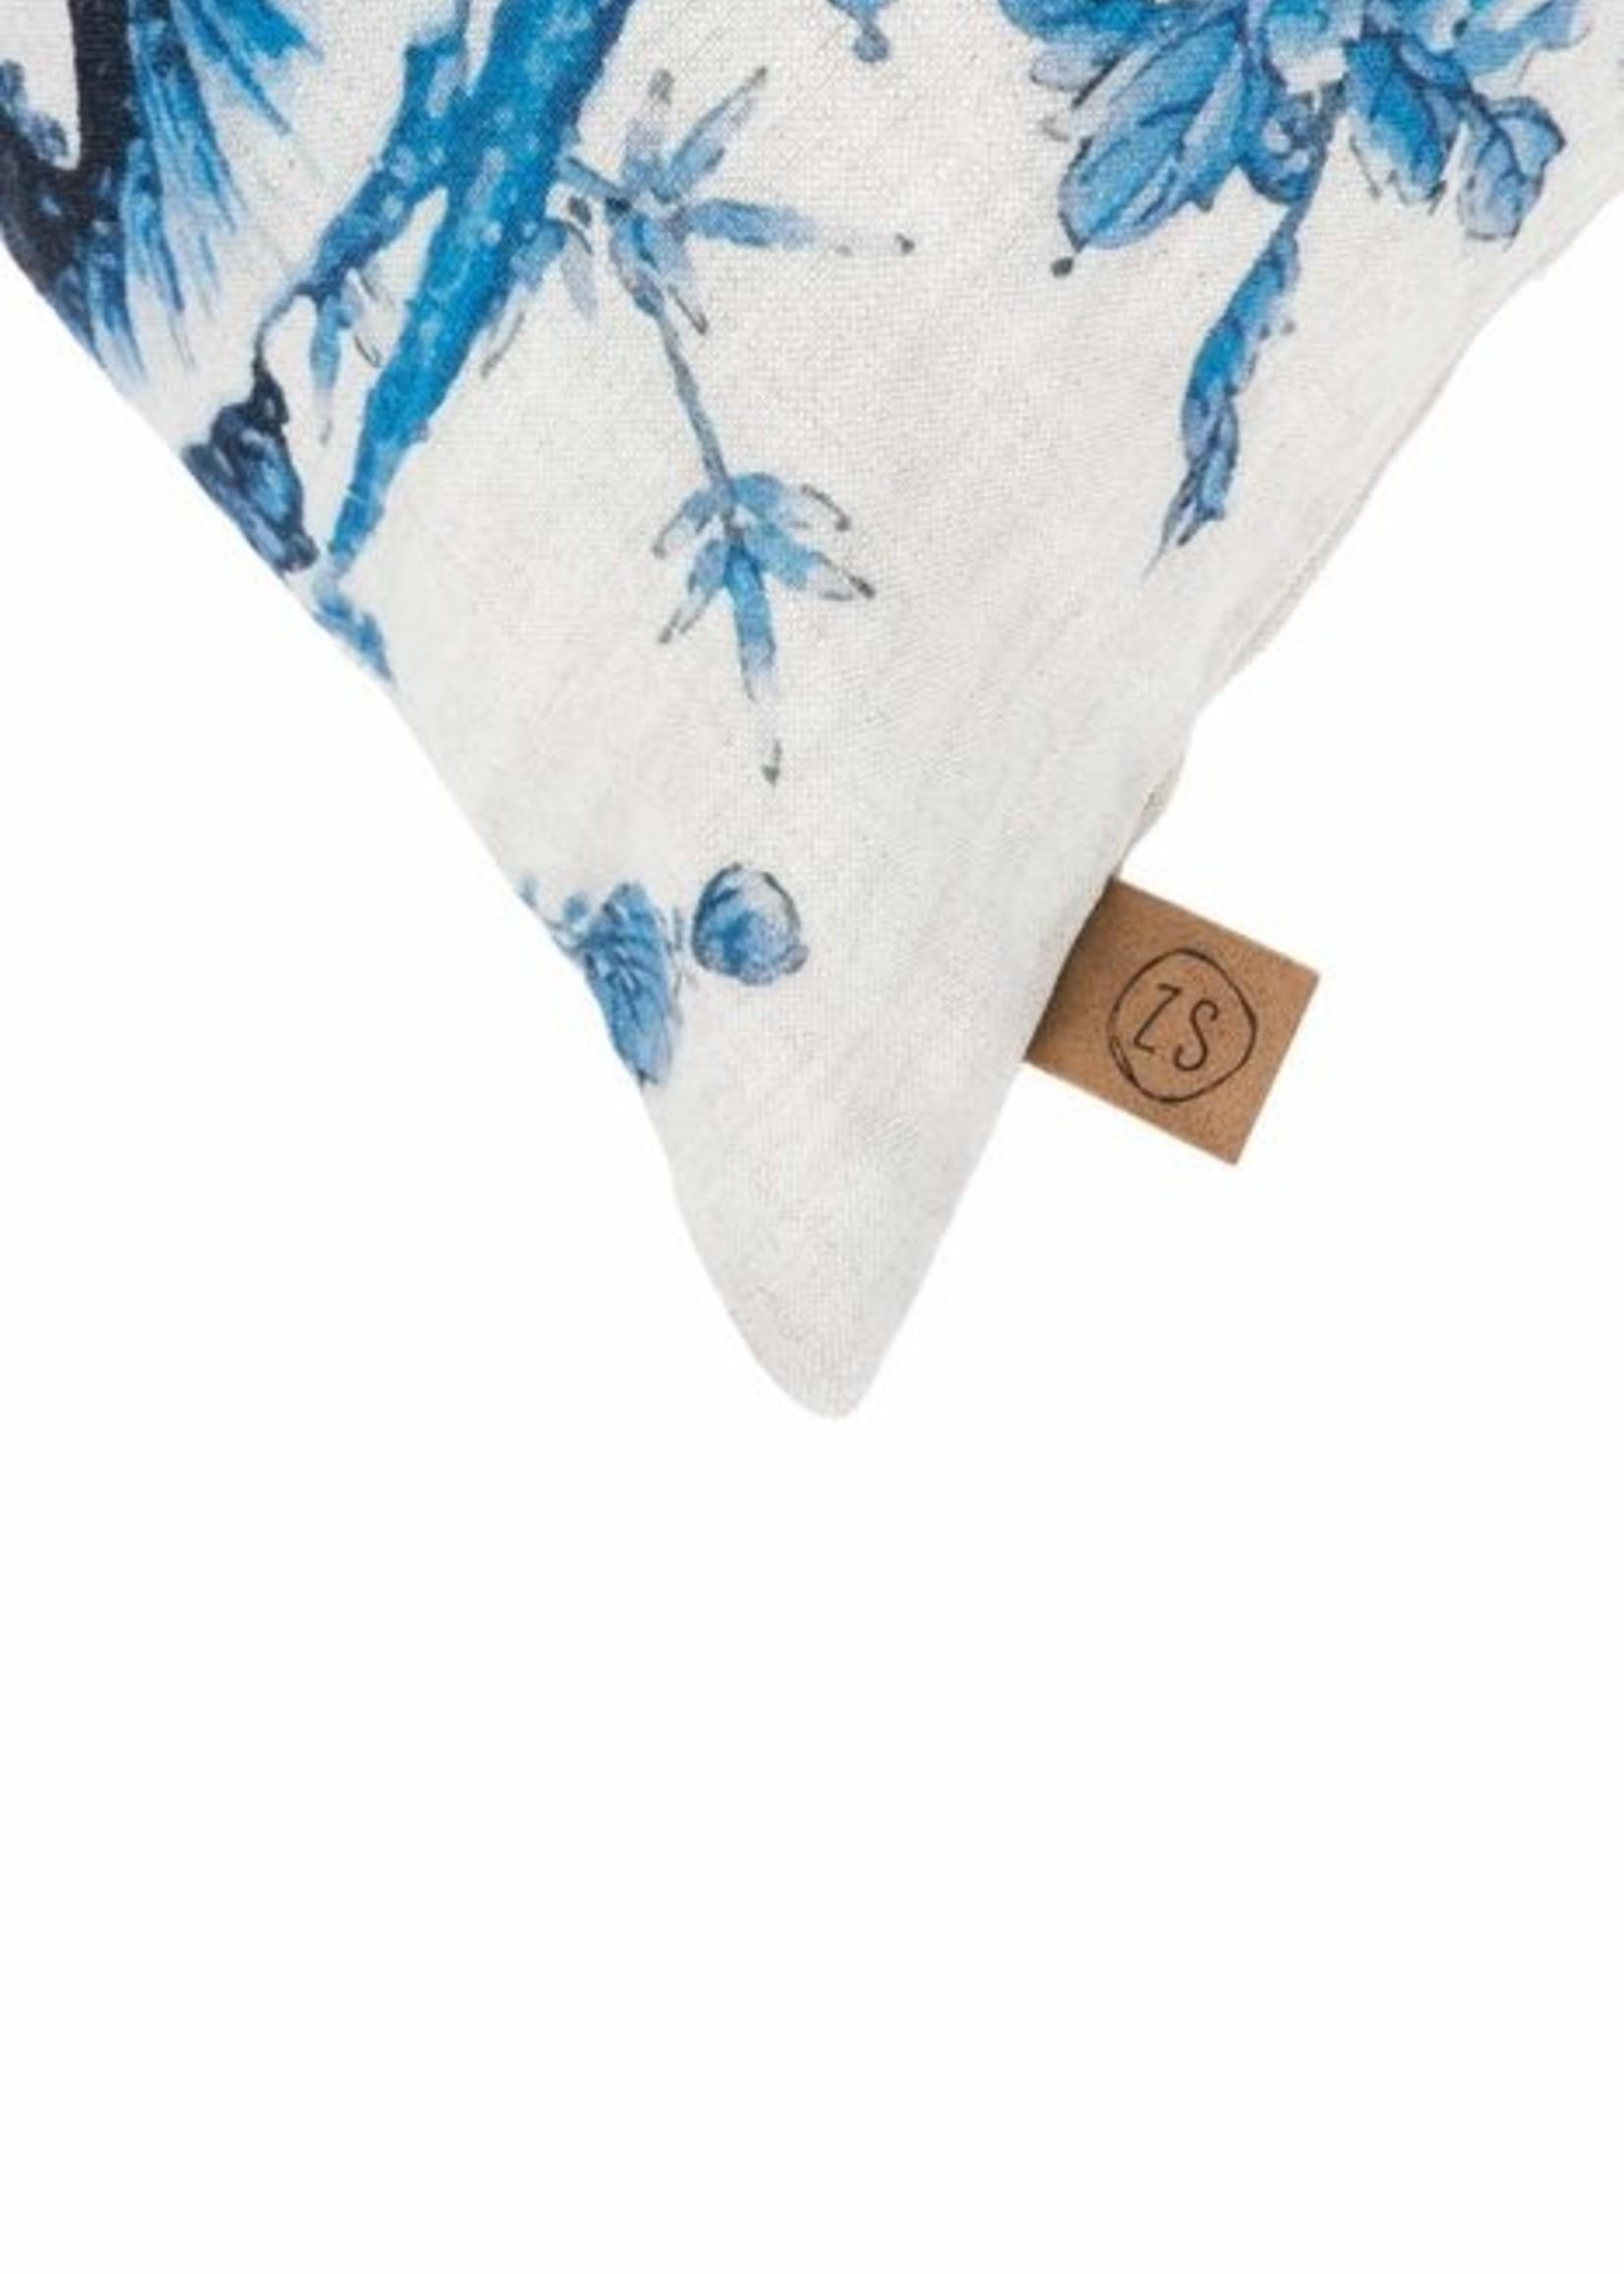 ZUSSS kussen met delfts blauw print 45x45cm peper en zout